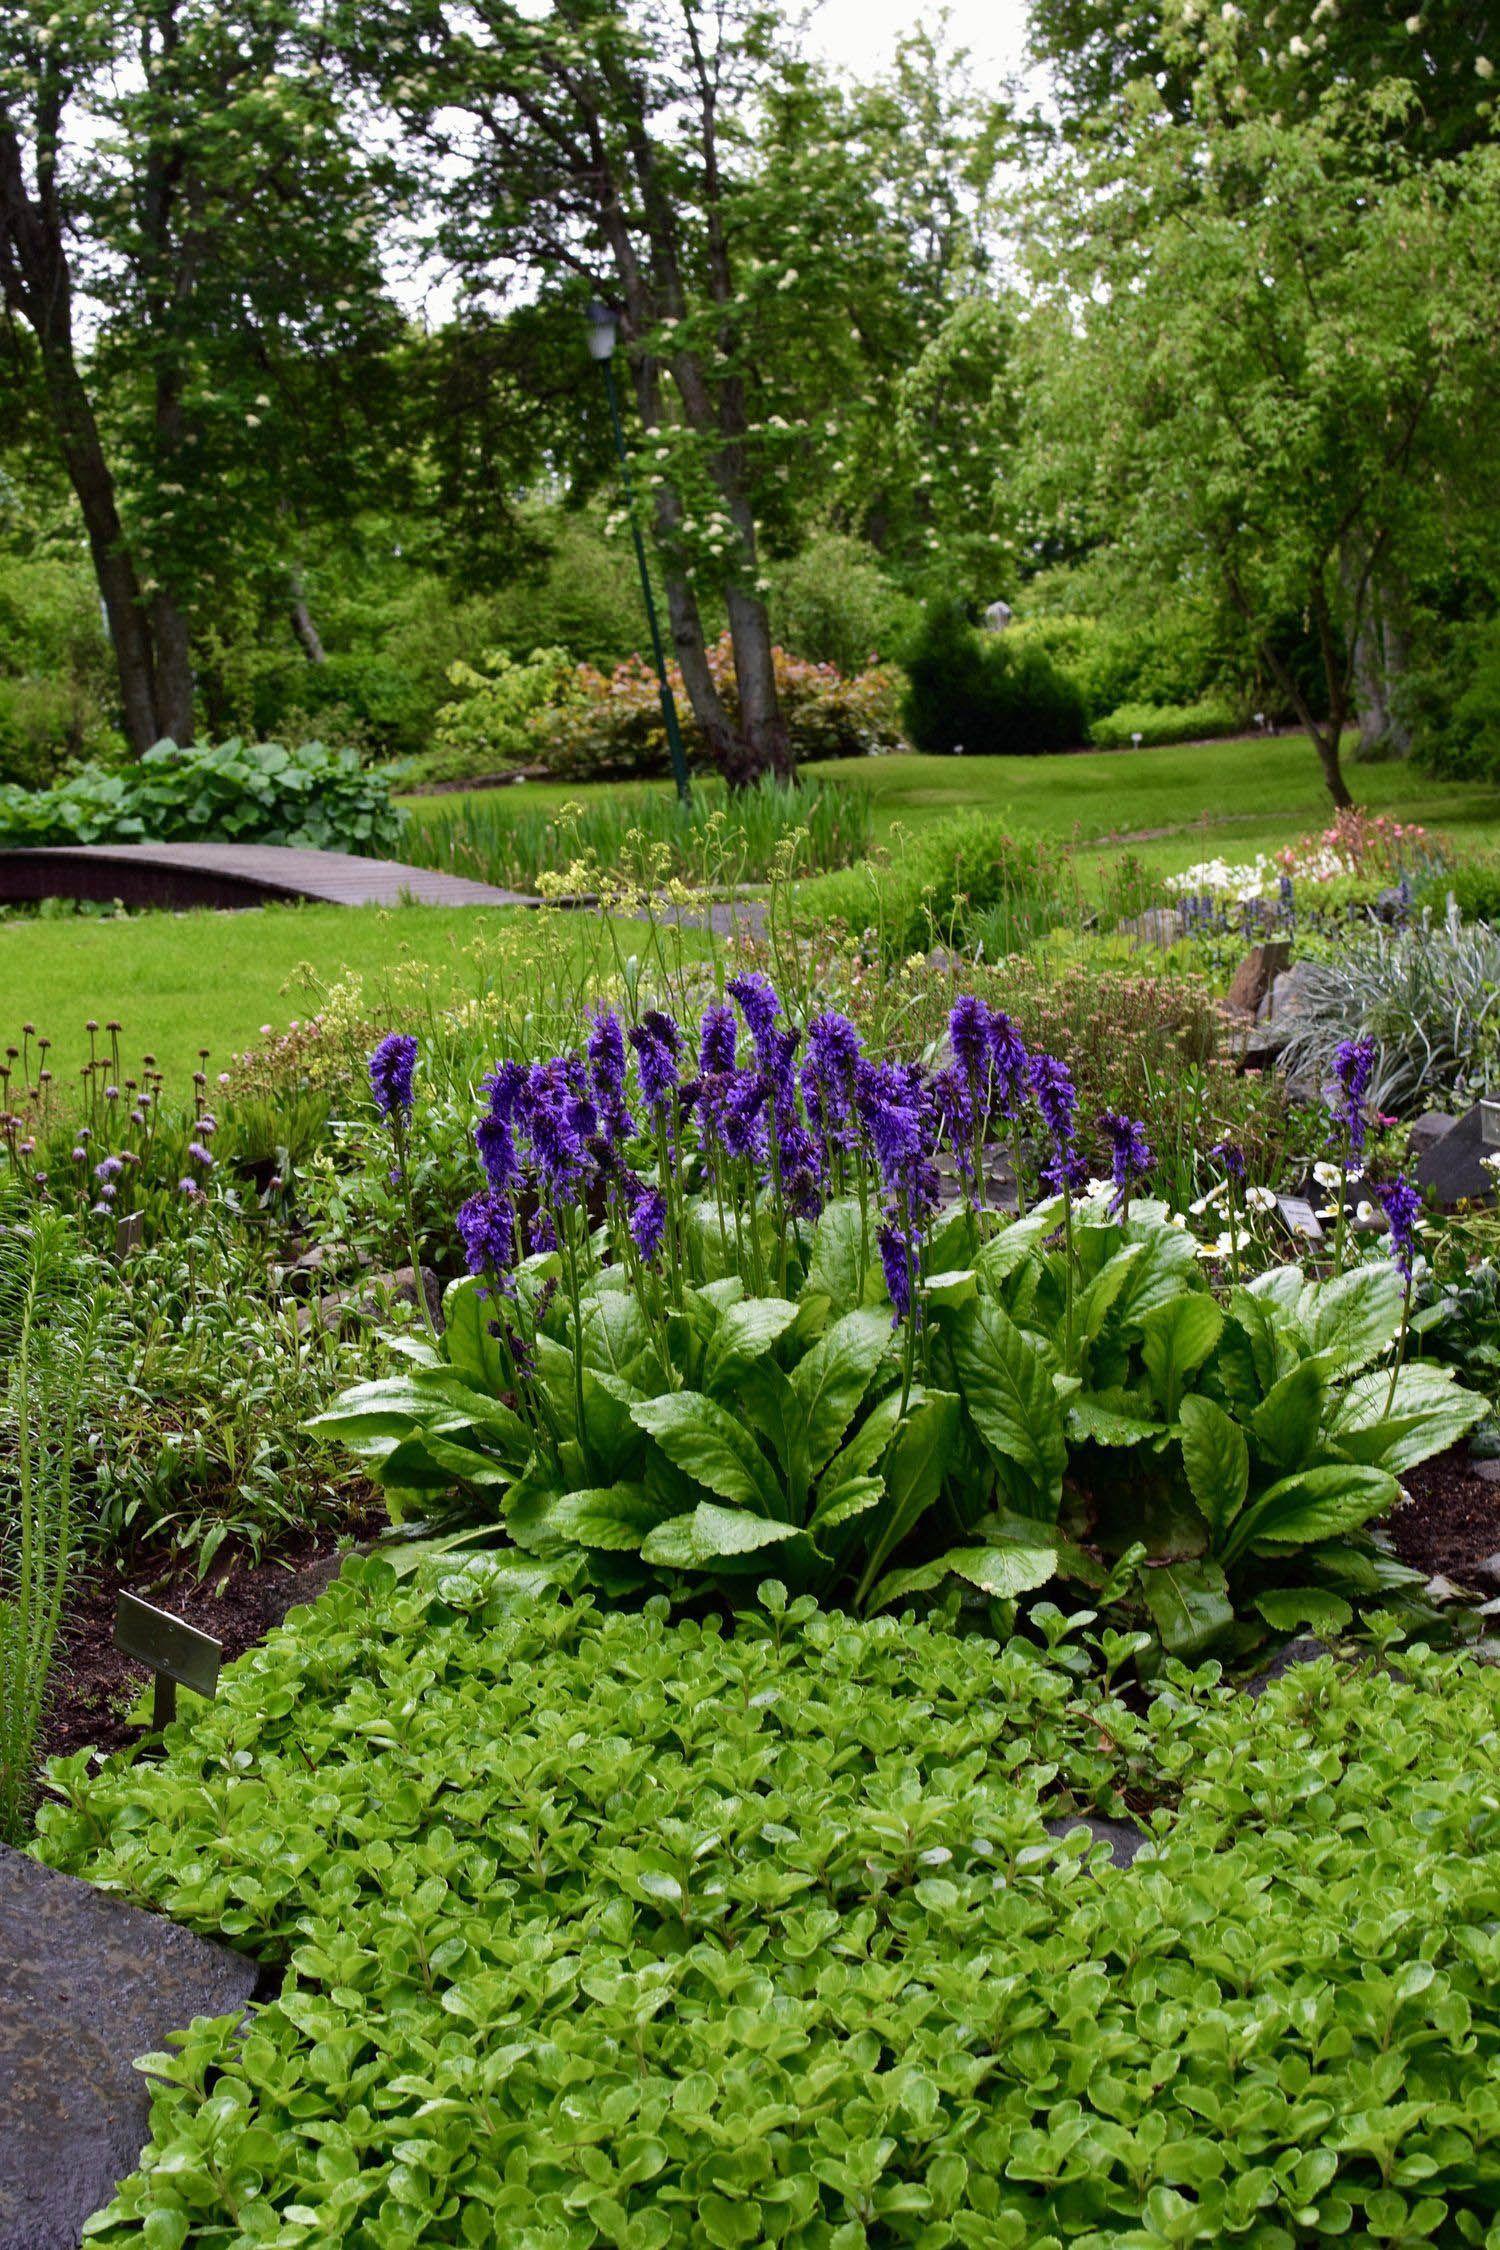 Impressive 3 bhk botanical garden tips for 2019